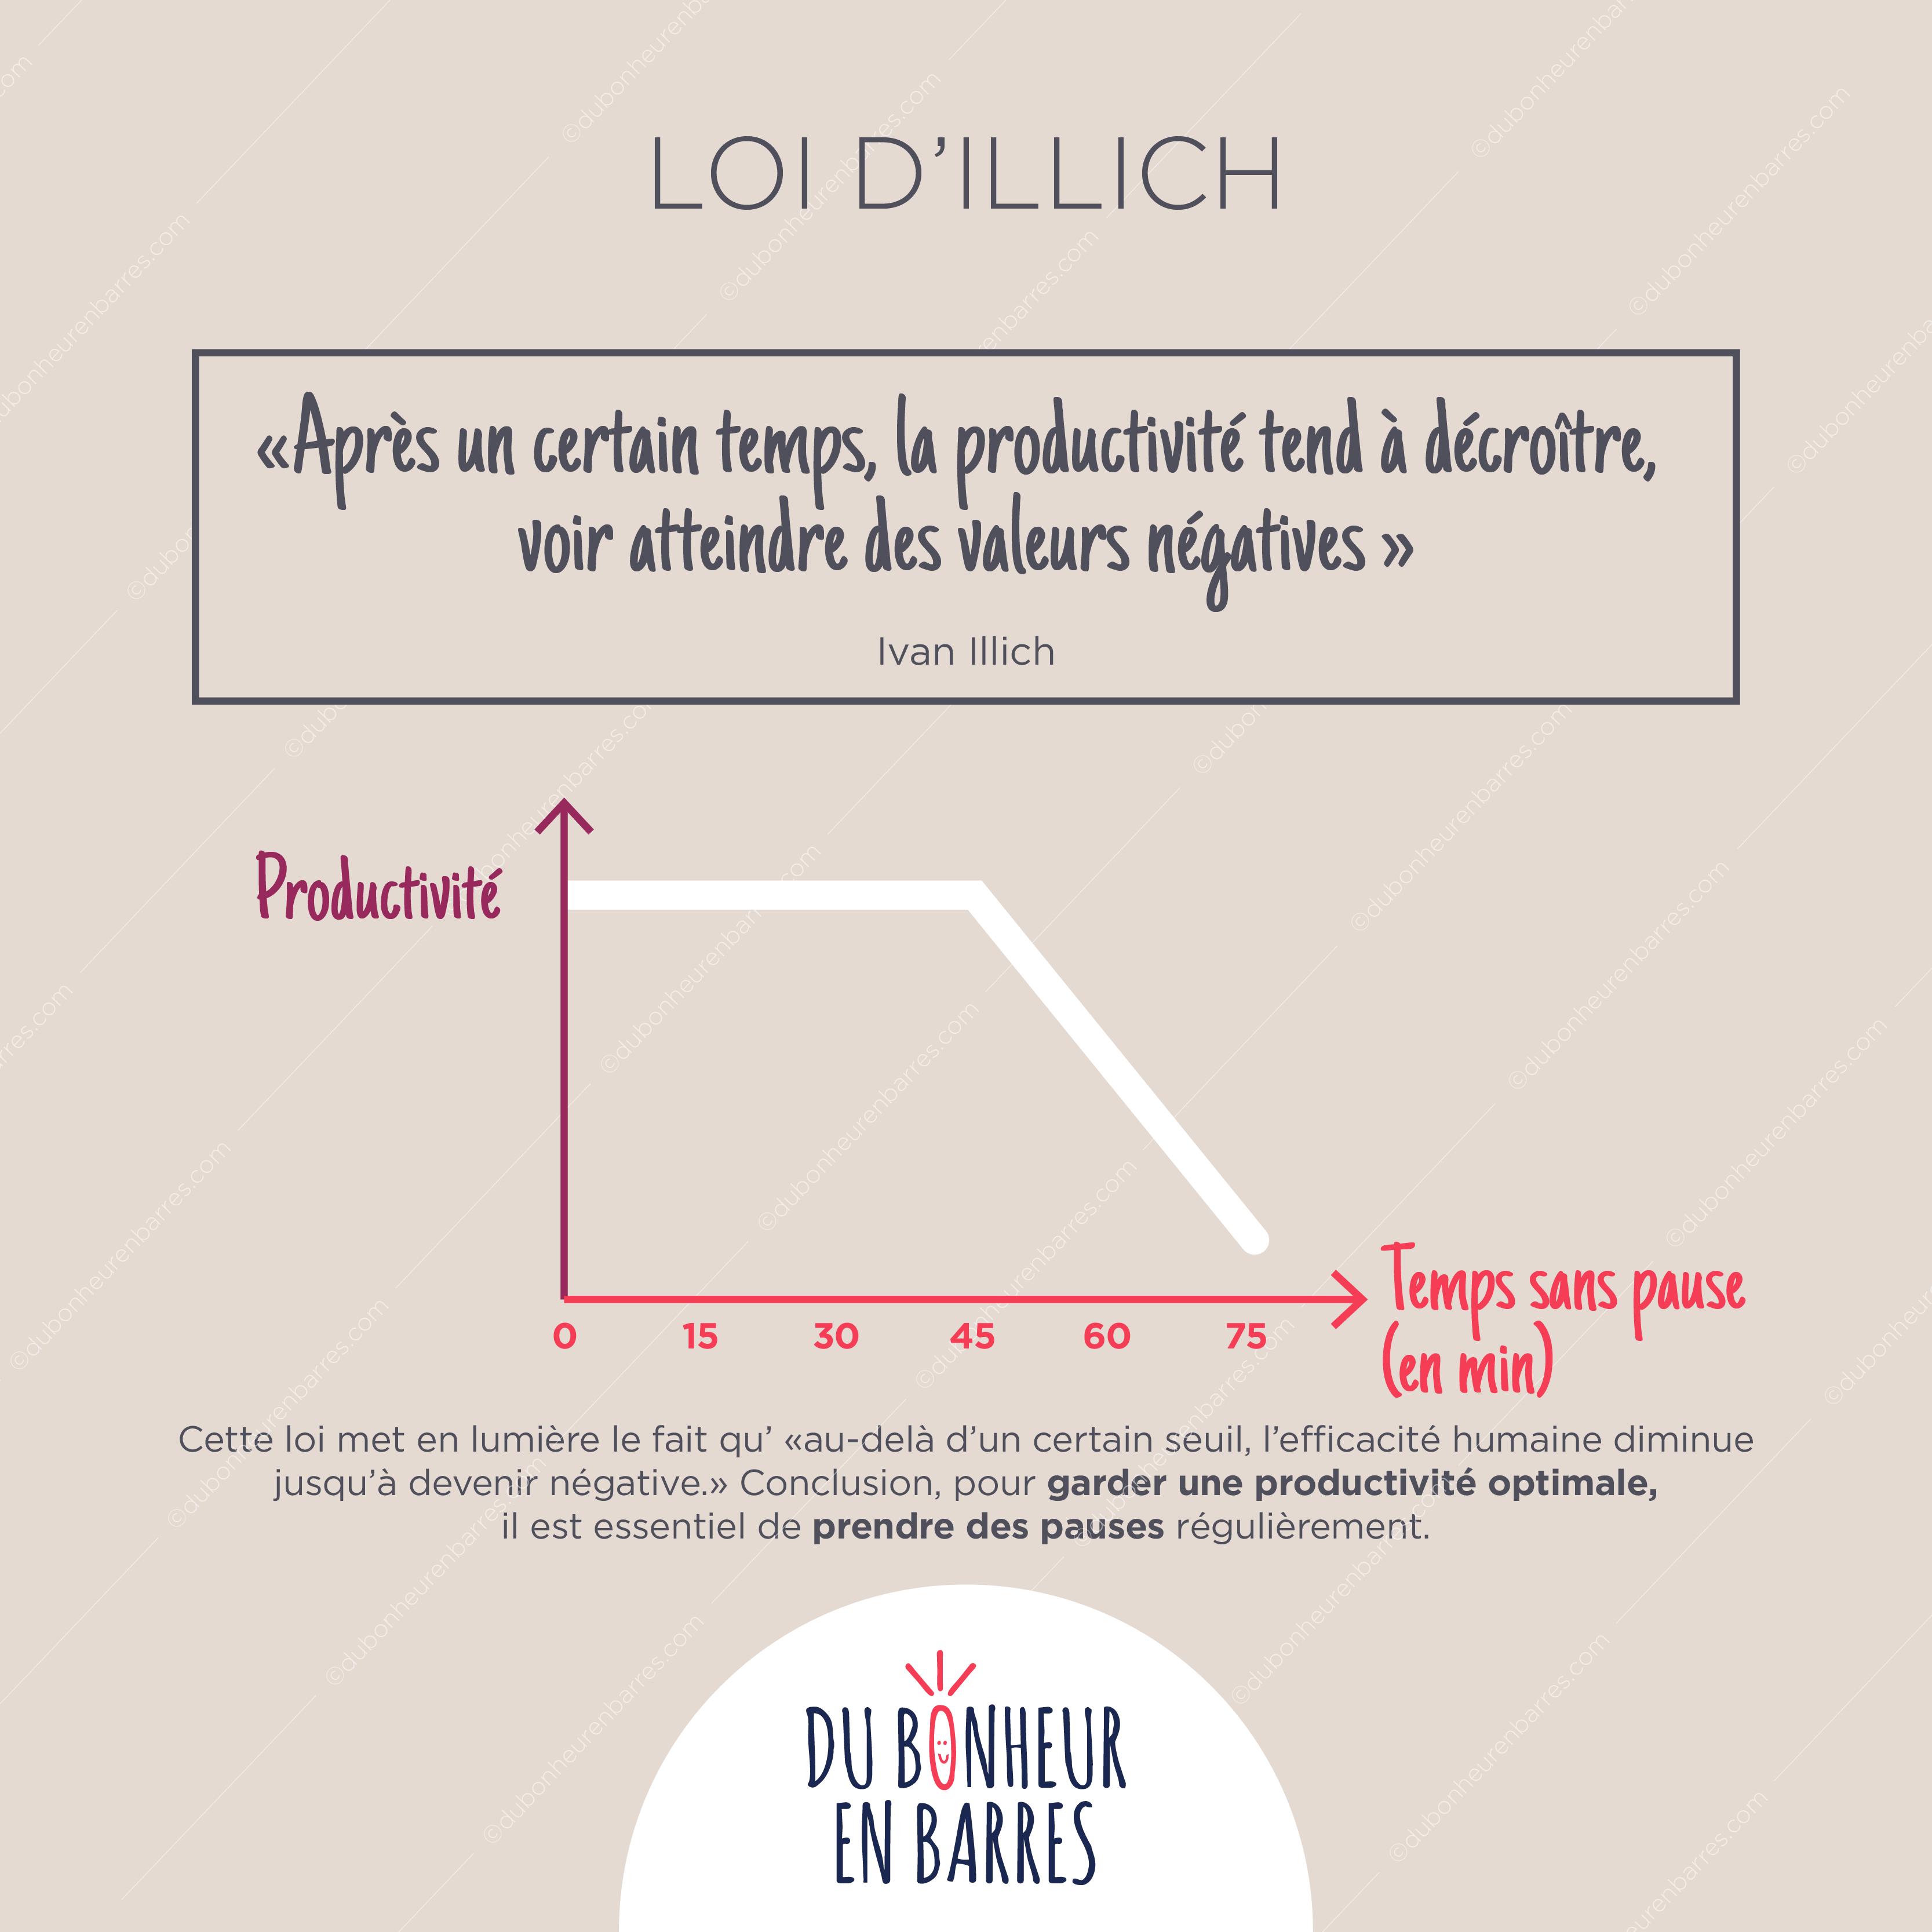 Loi d'Illich